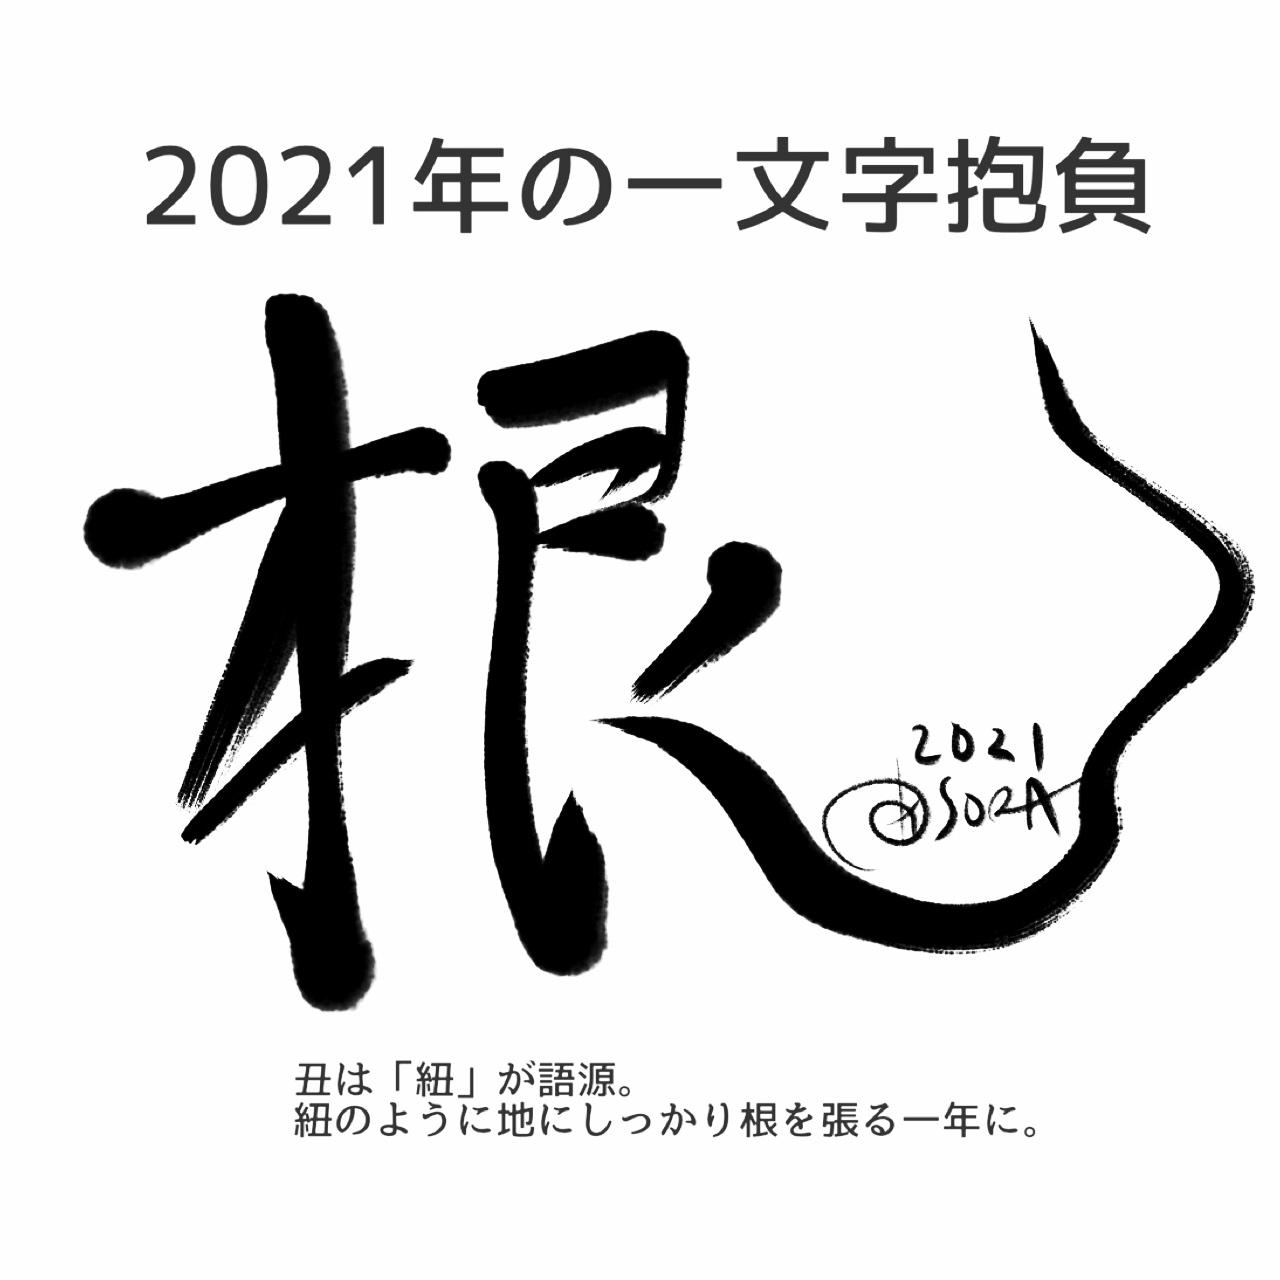 2021年の「一文字抱負」を決めよう!〜ビジネス風水〜